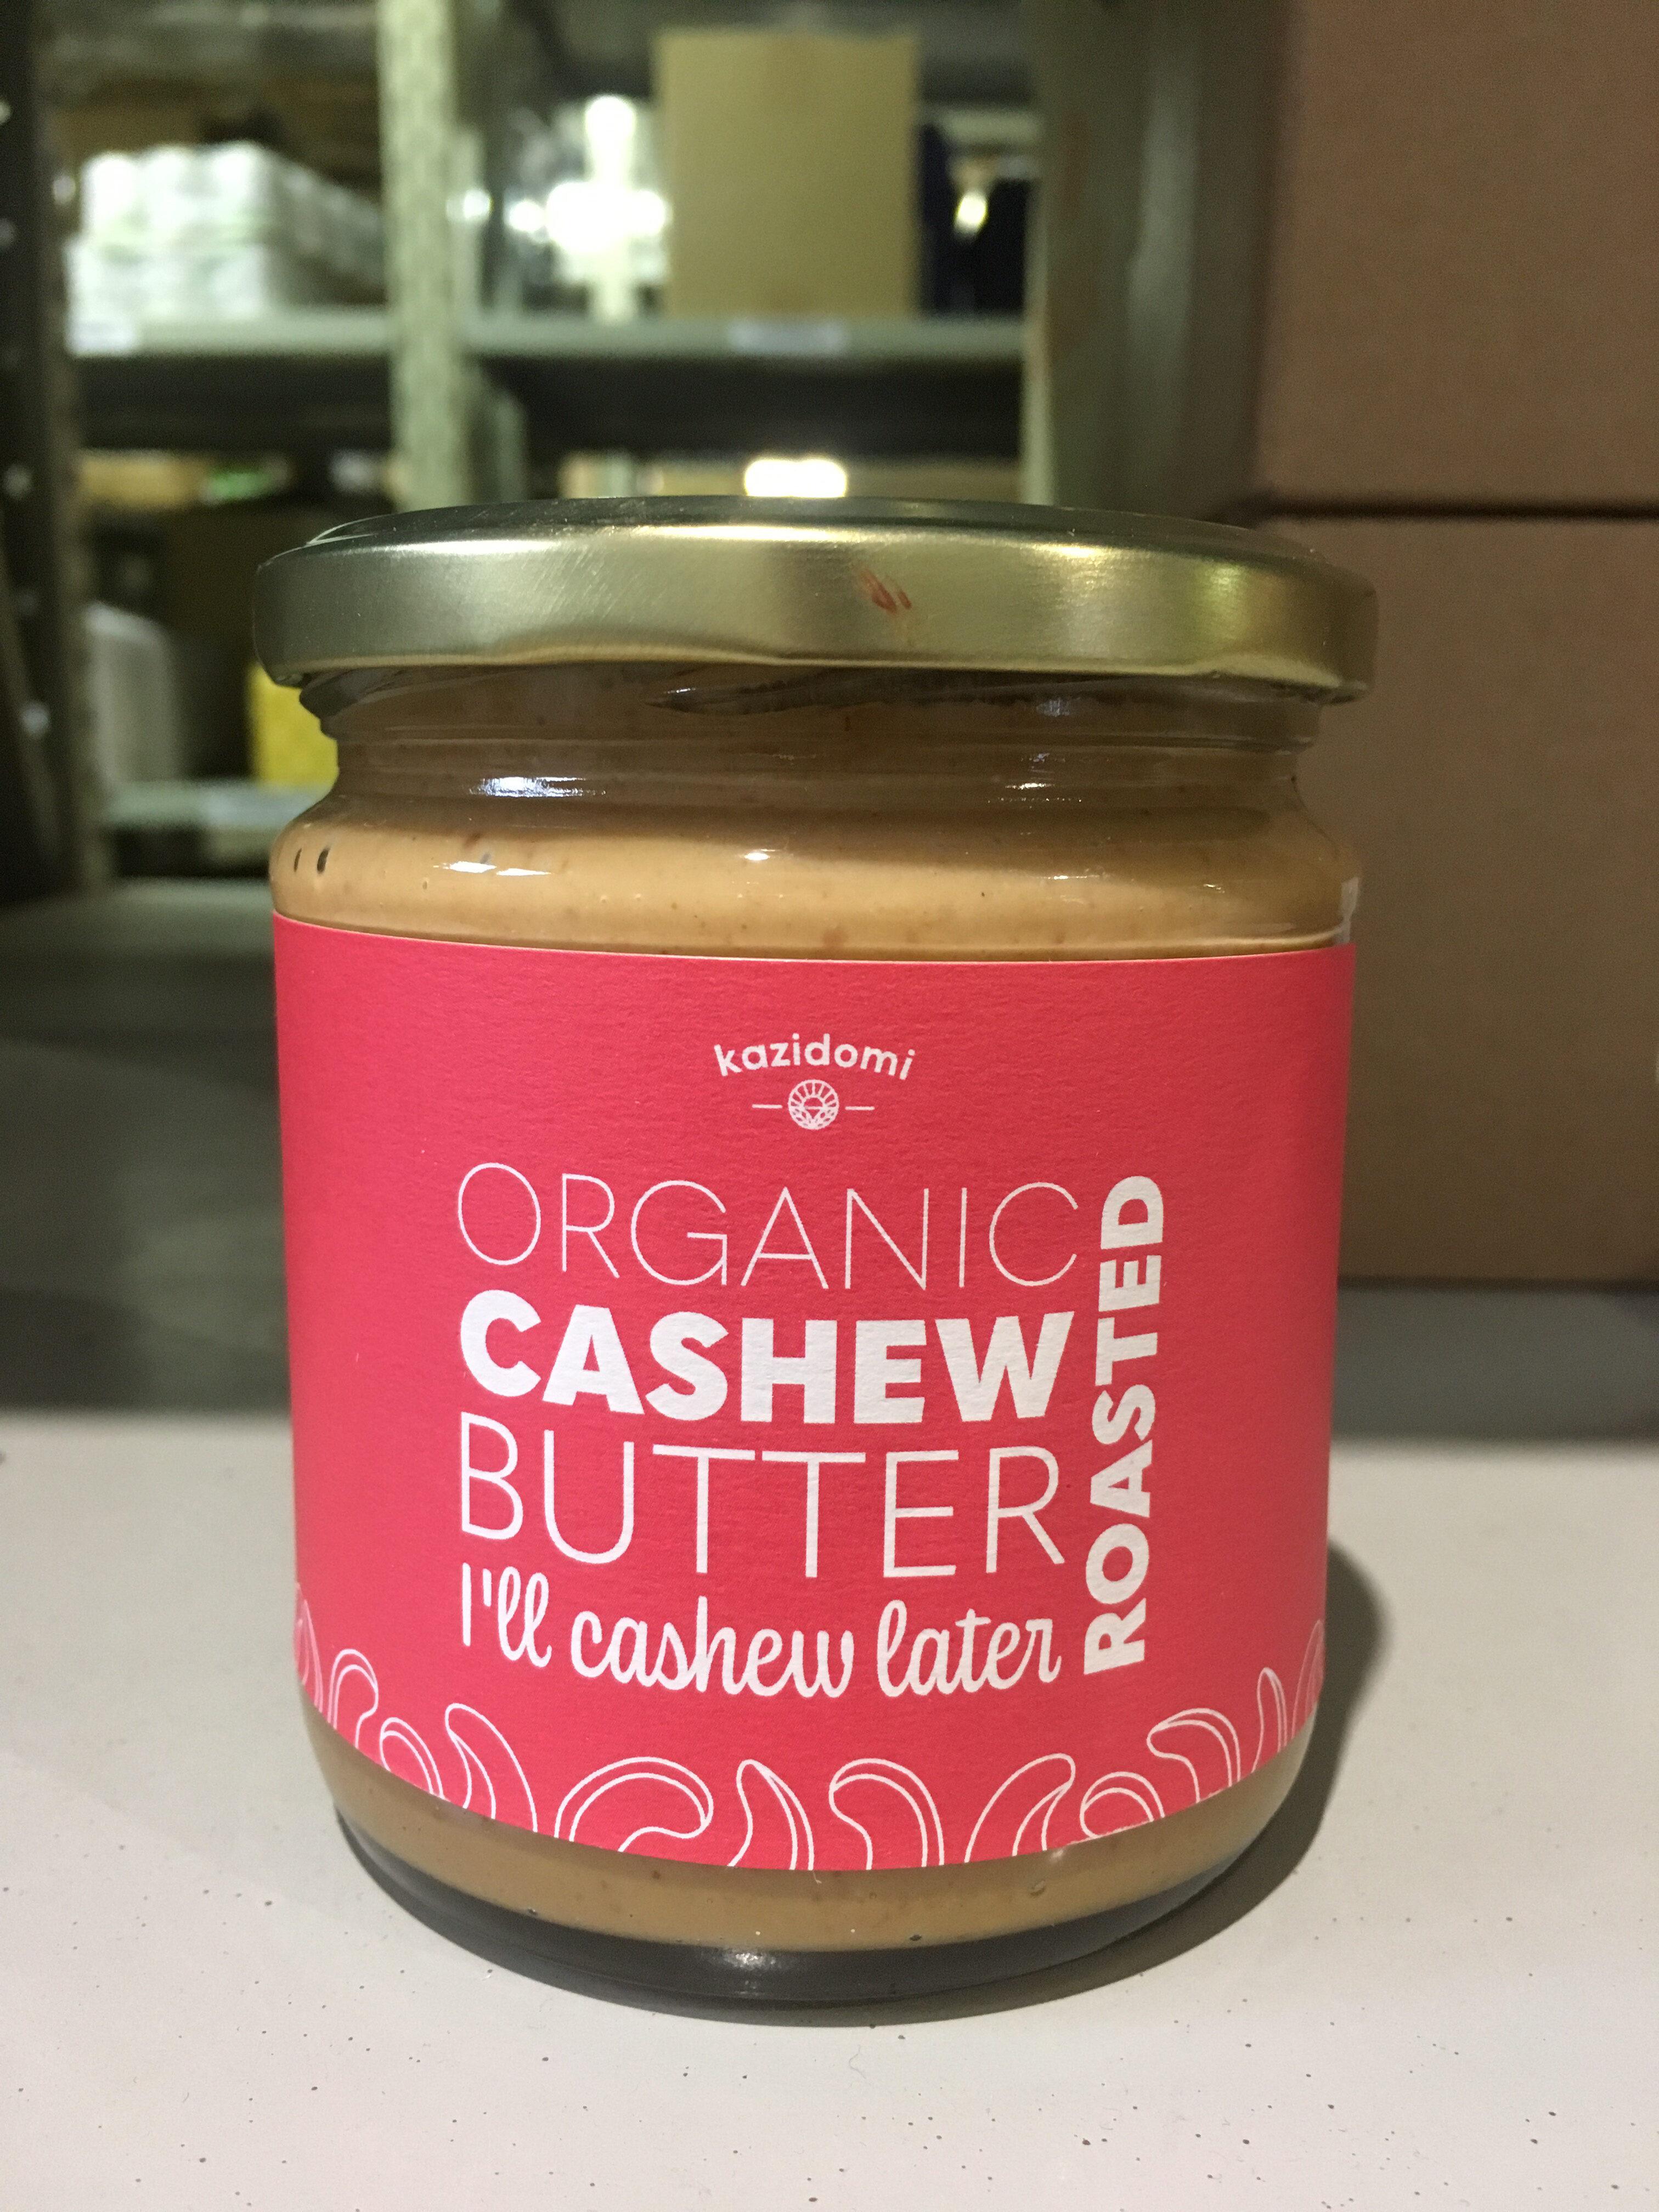 Organic Cashew Butter - Product